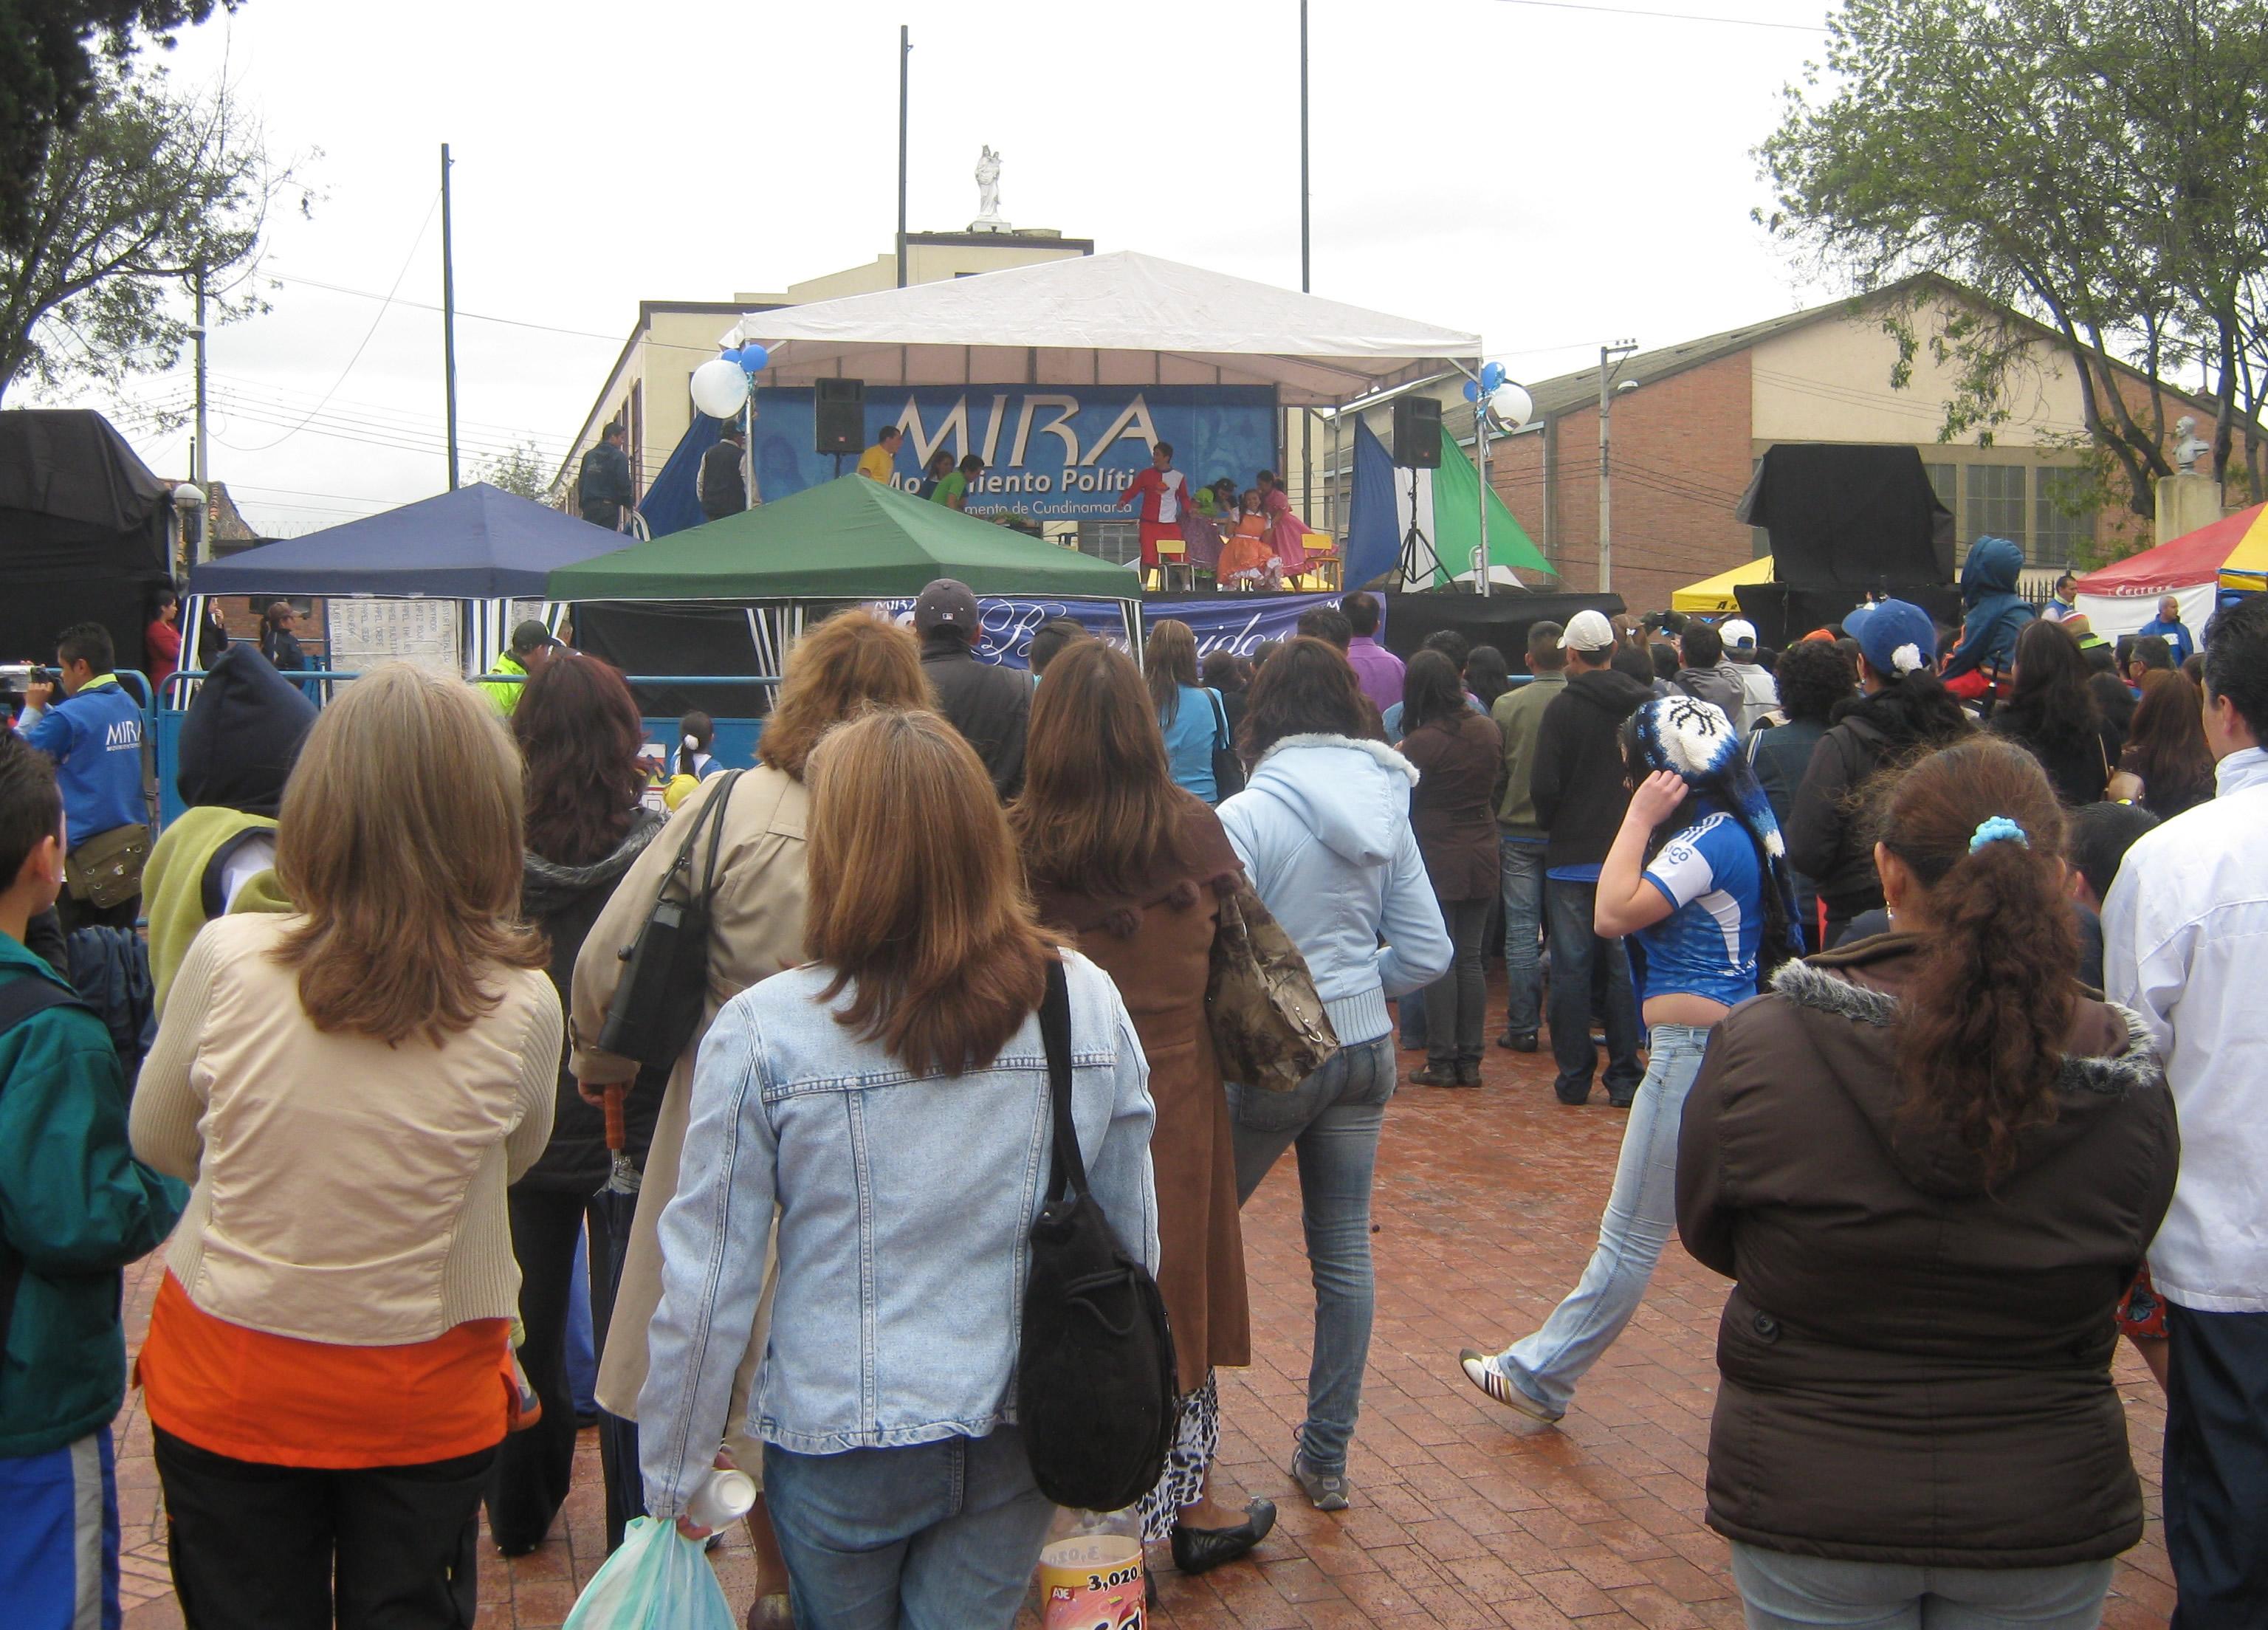 MIRA: Diez años de inclusión y compromiso político